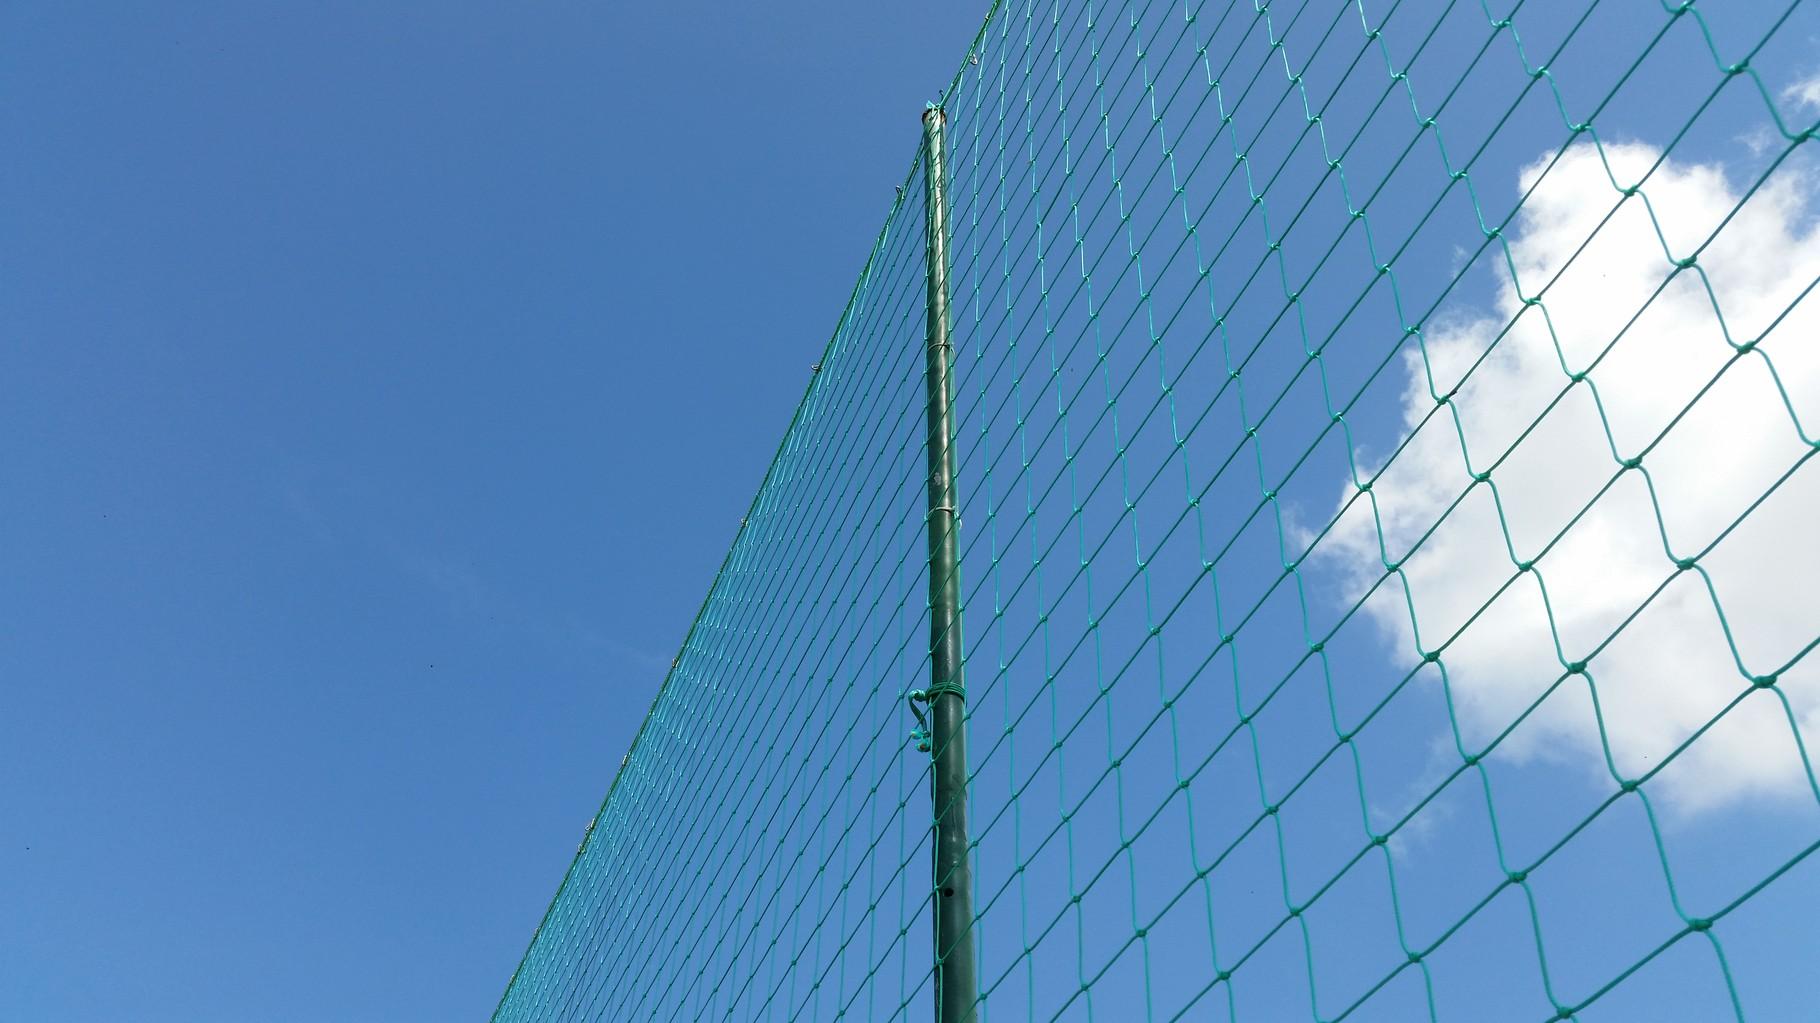 Ballfangnetze FSV Rühn